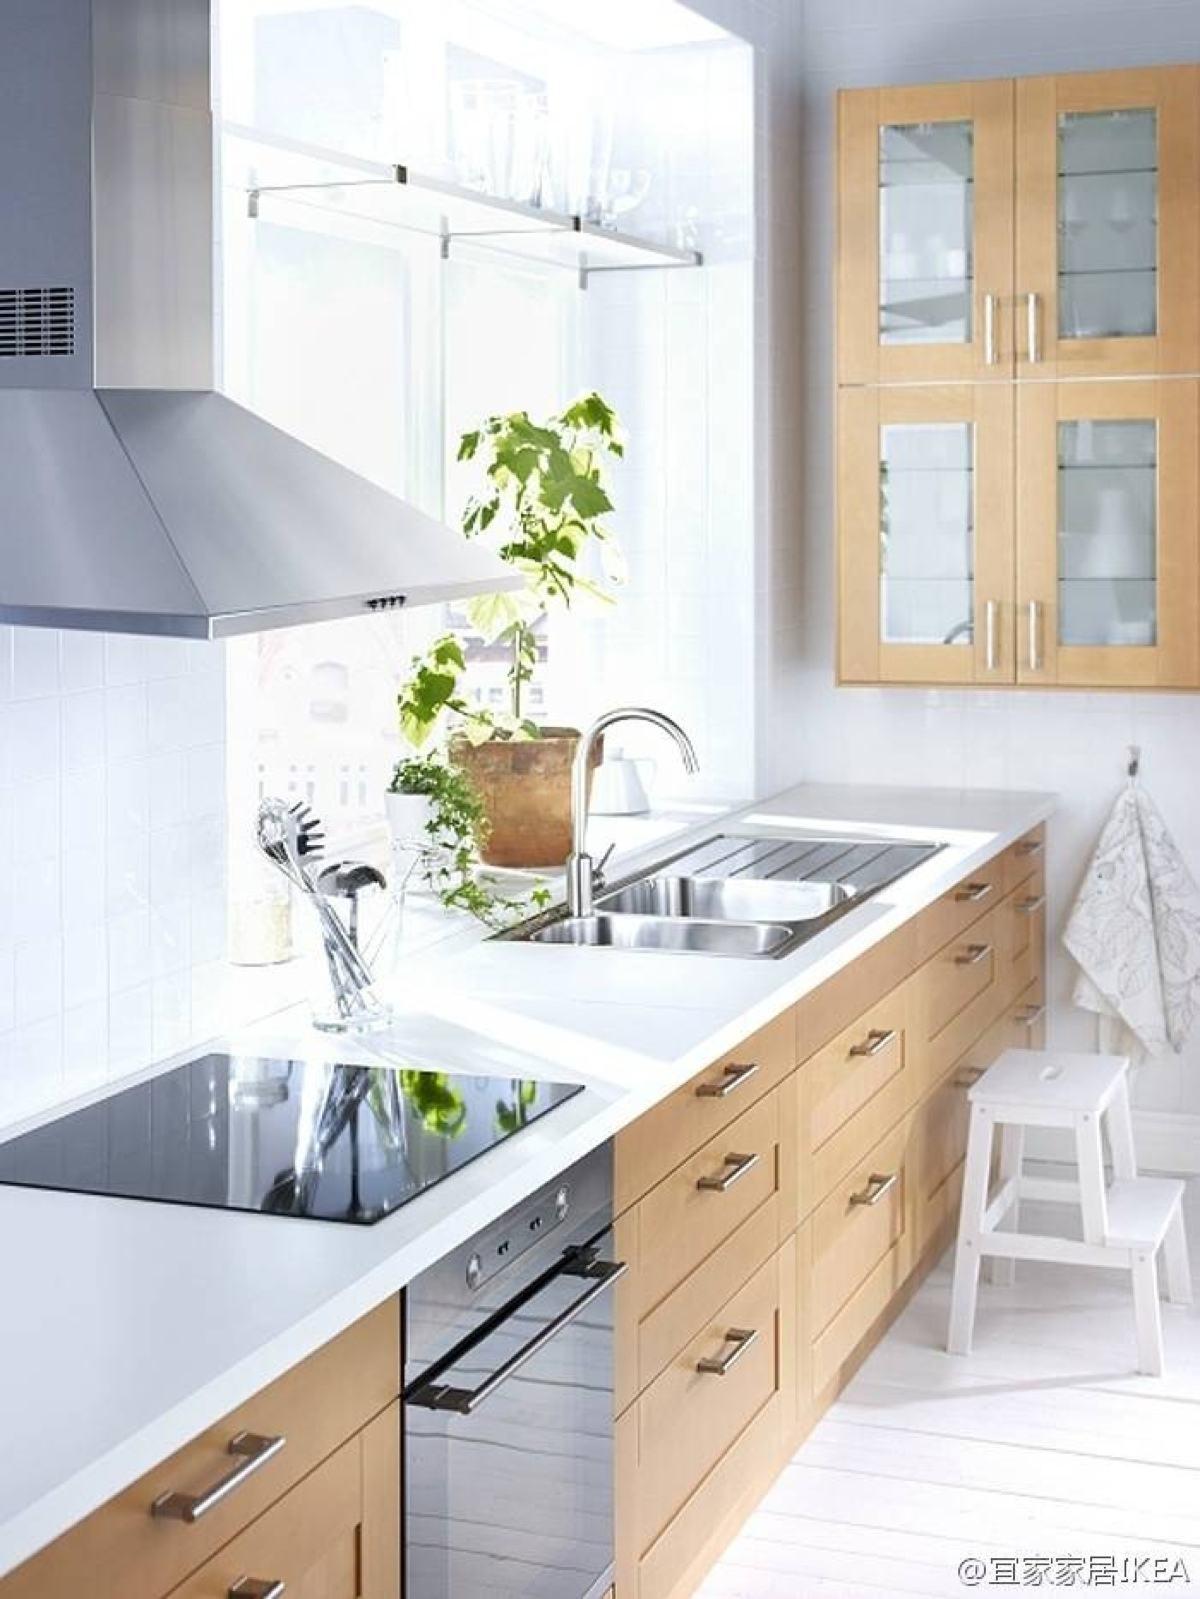 不打无准备之仗-厨房设计收纳